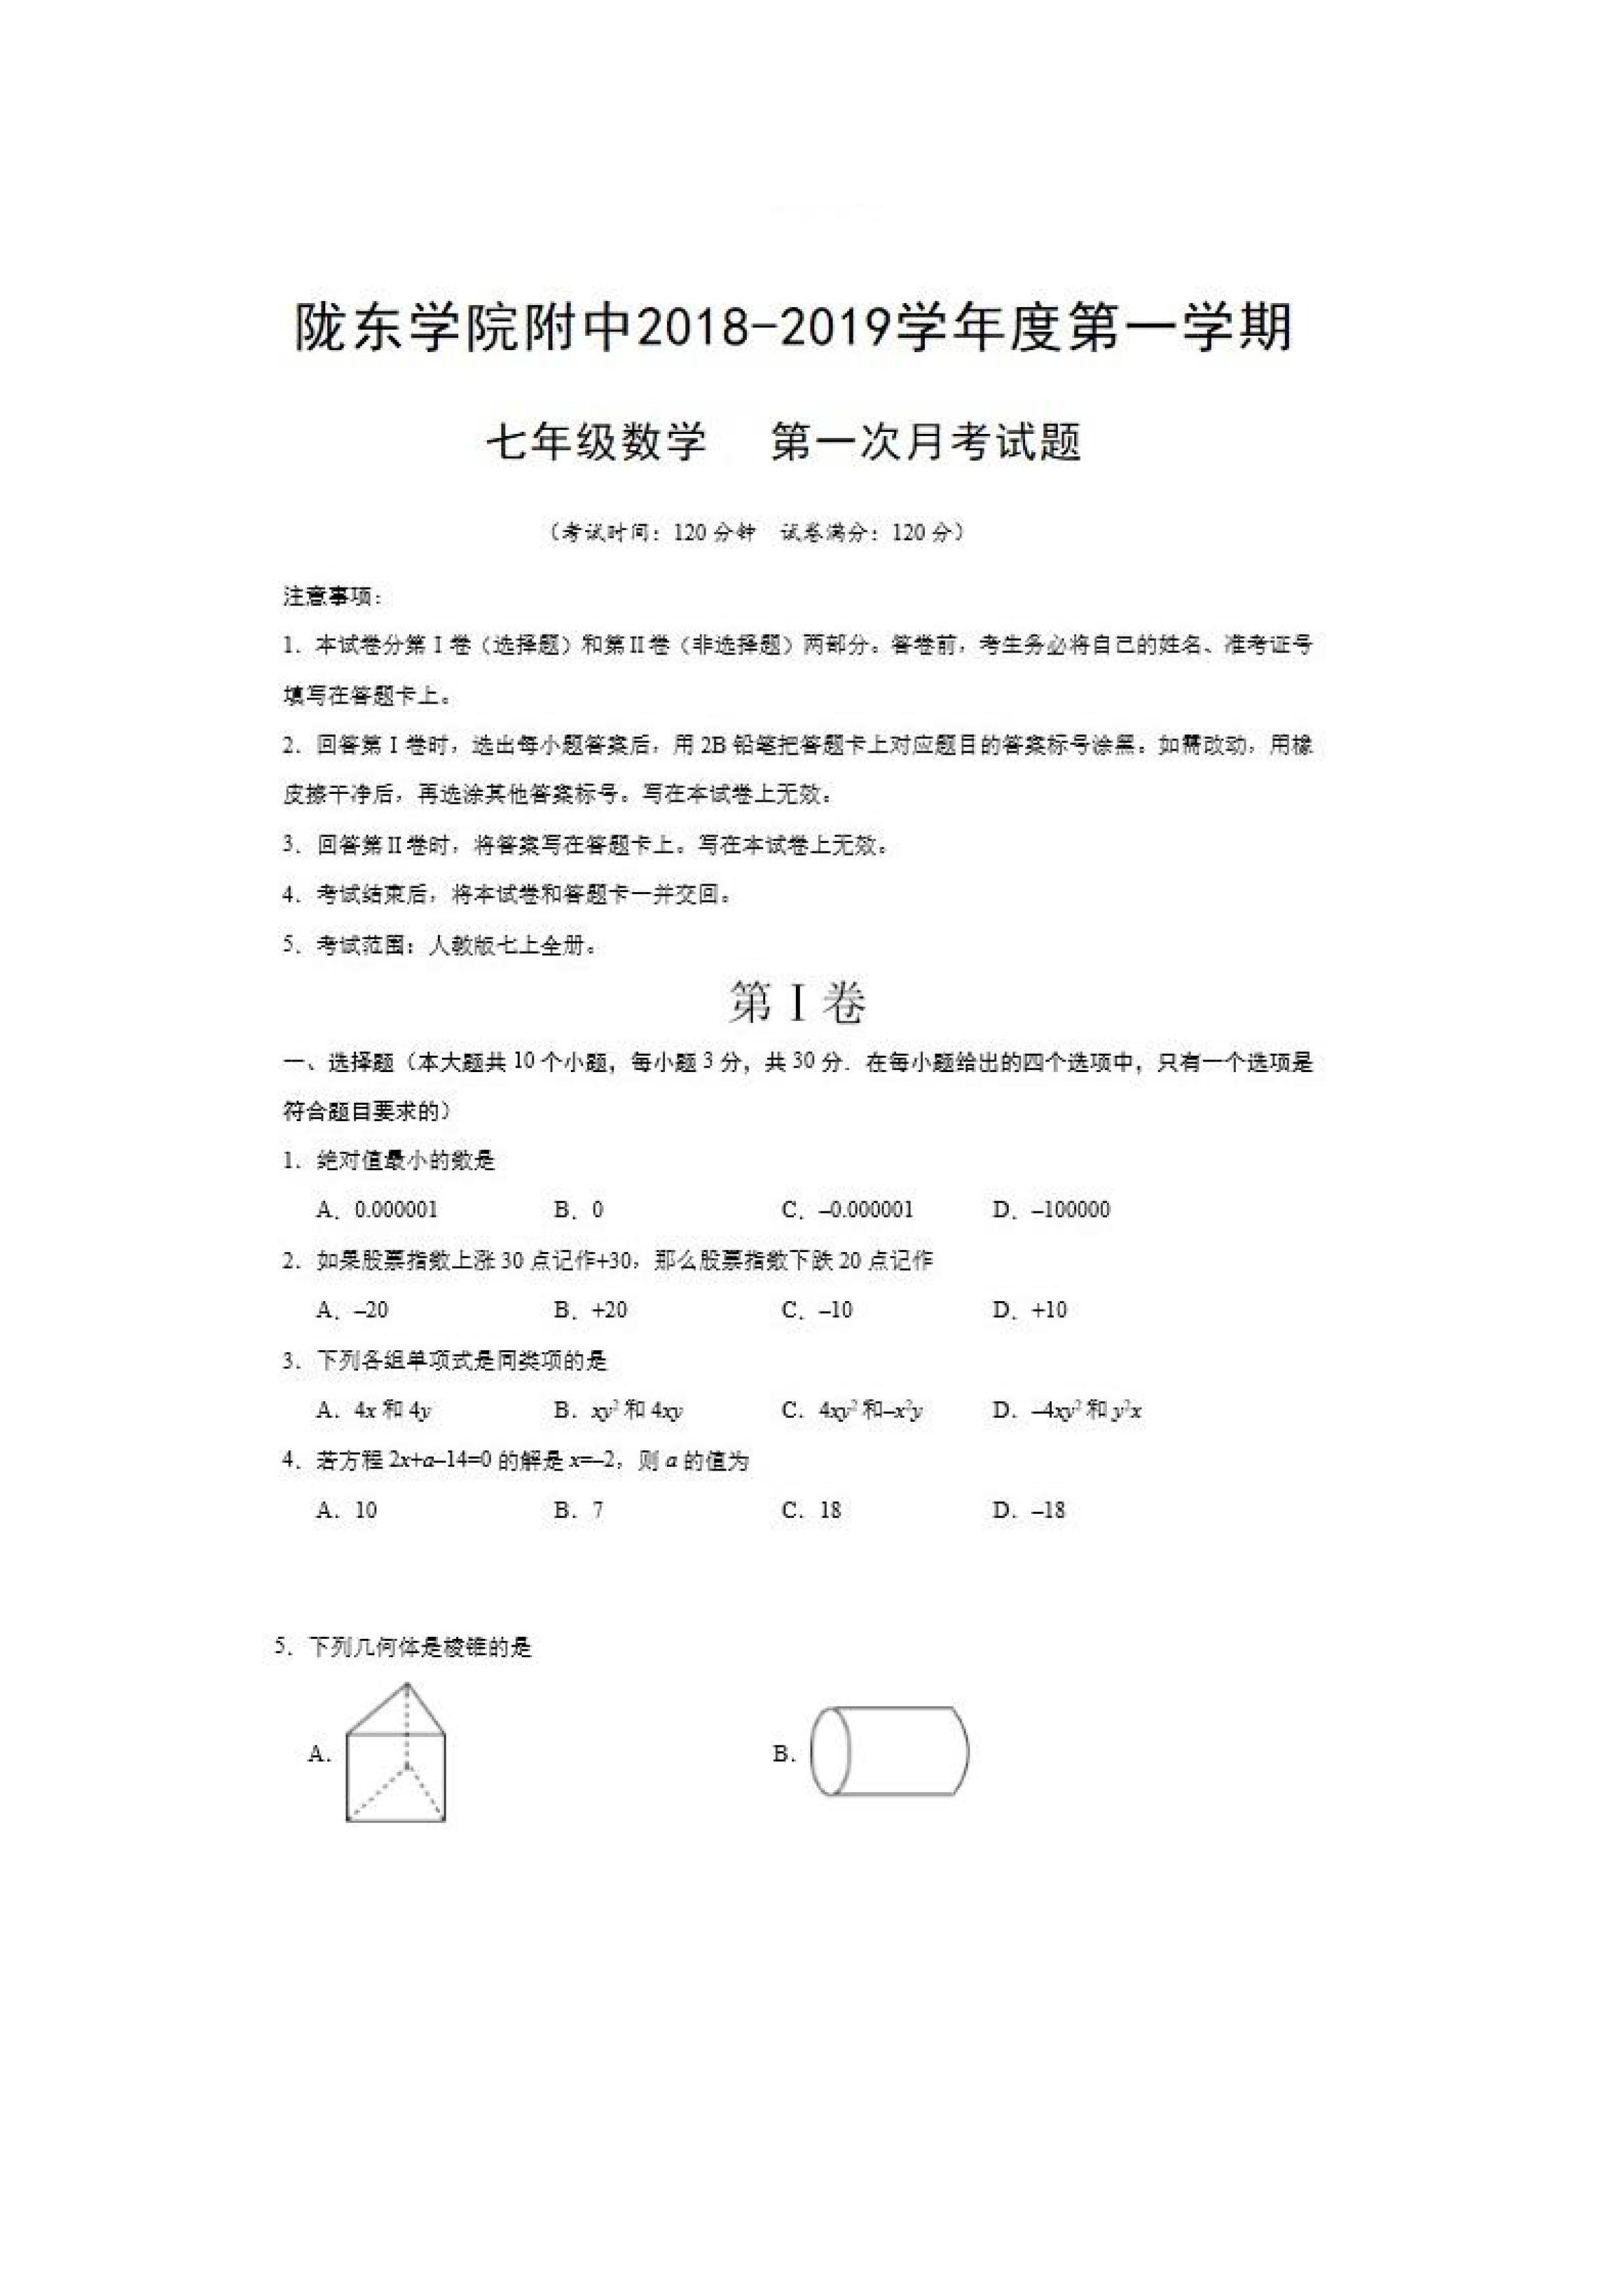 甘肃省庆阳市陇东学院附中2018-2019七年级数学上册月考试题附答案